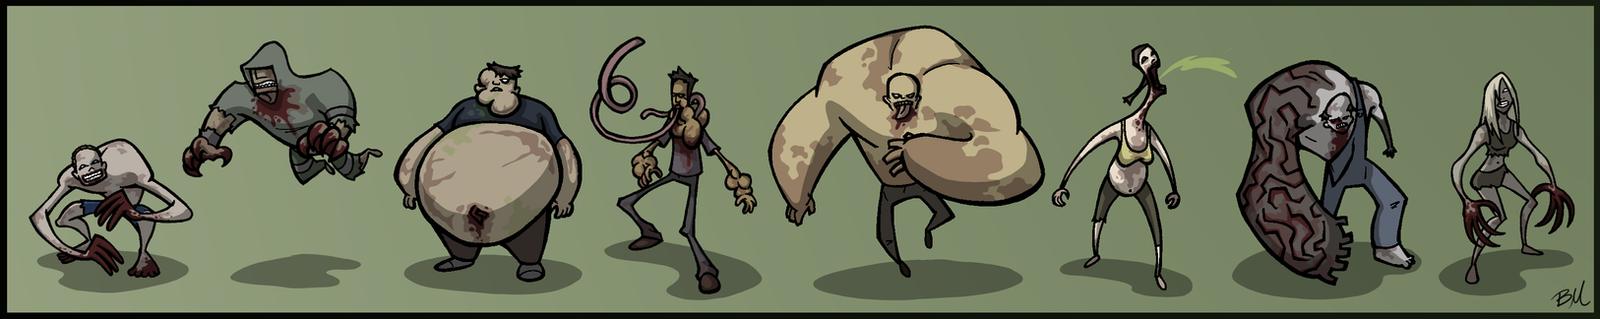 Zombie Ensemble by kjmarch